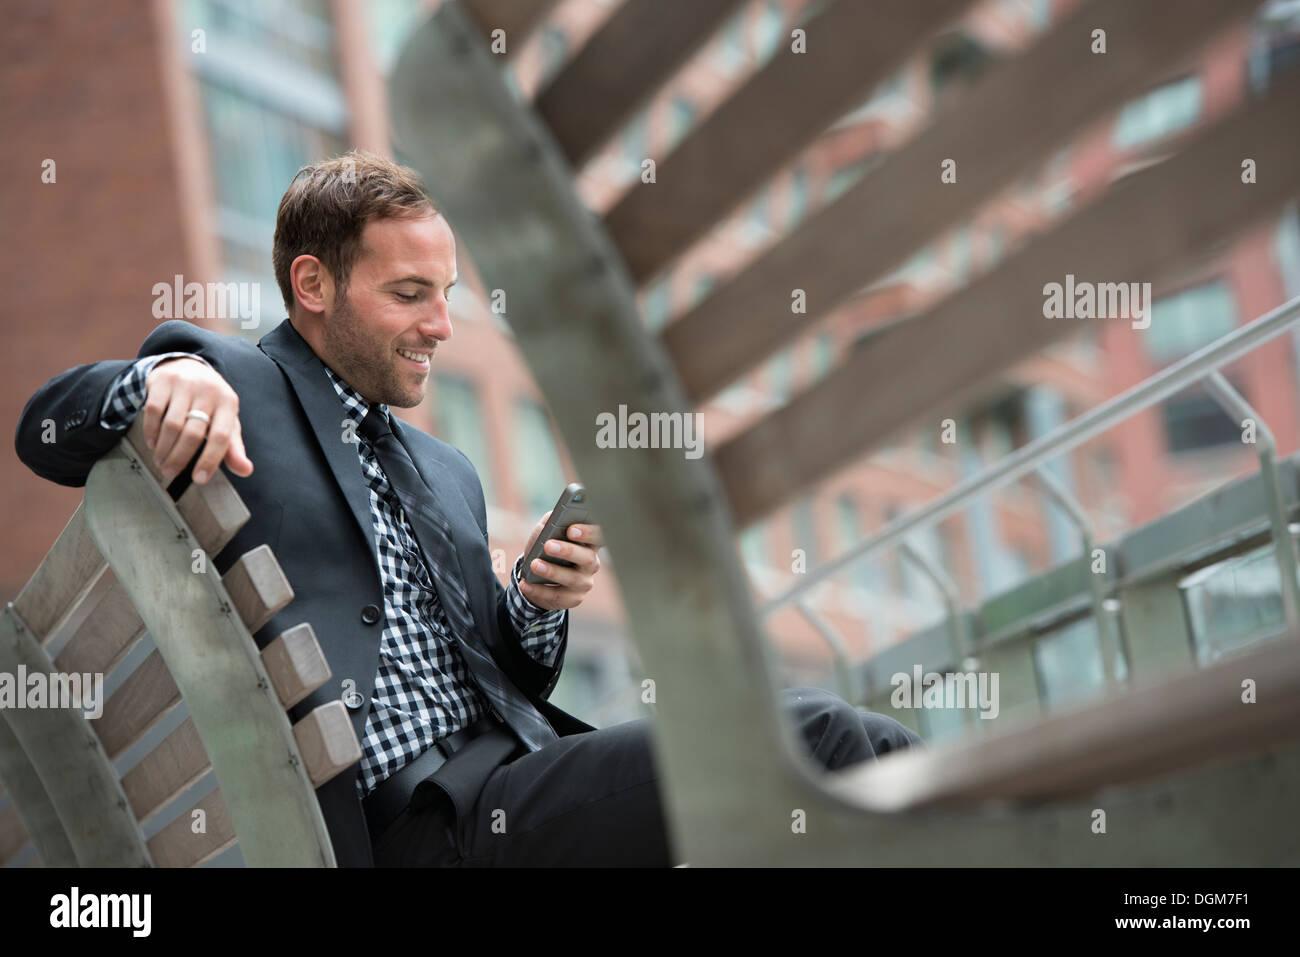 Business-Leute. Ein Mann in einem Anzug, auf einer Bank sitzen. Stockbild